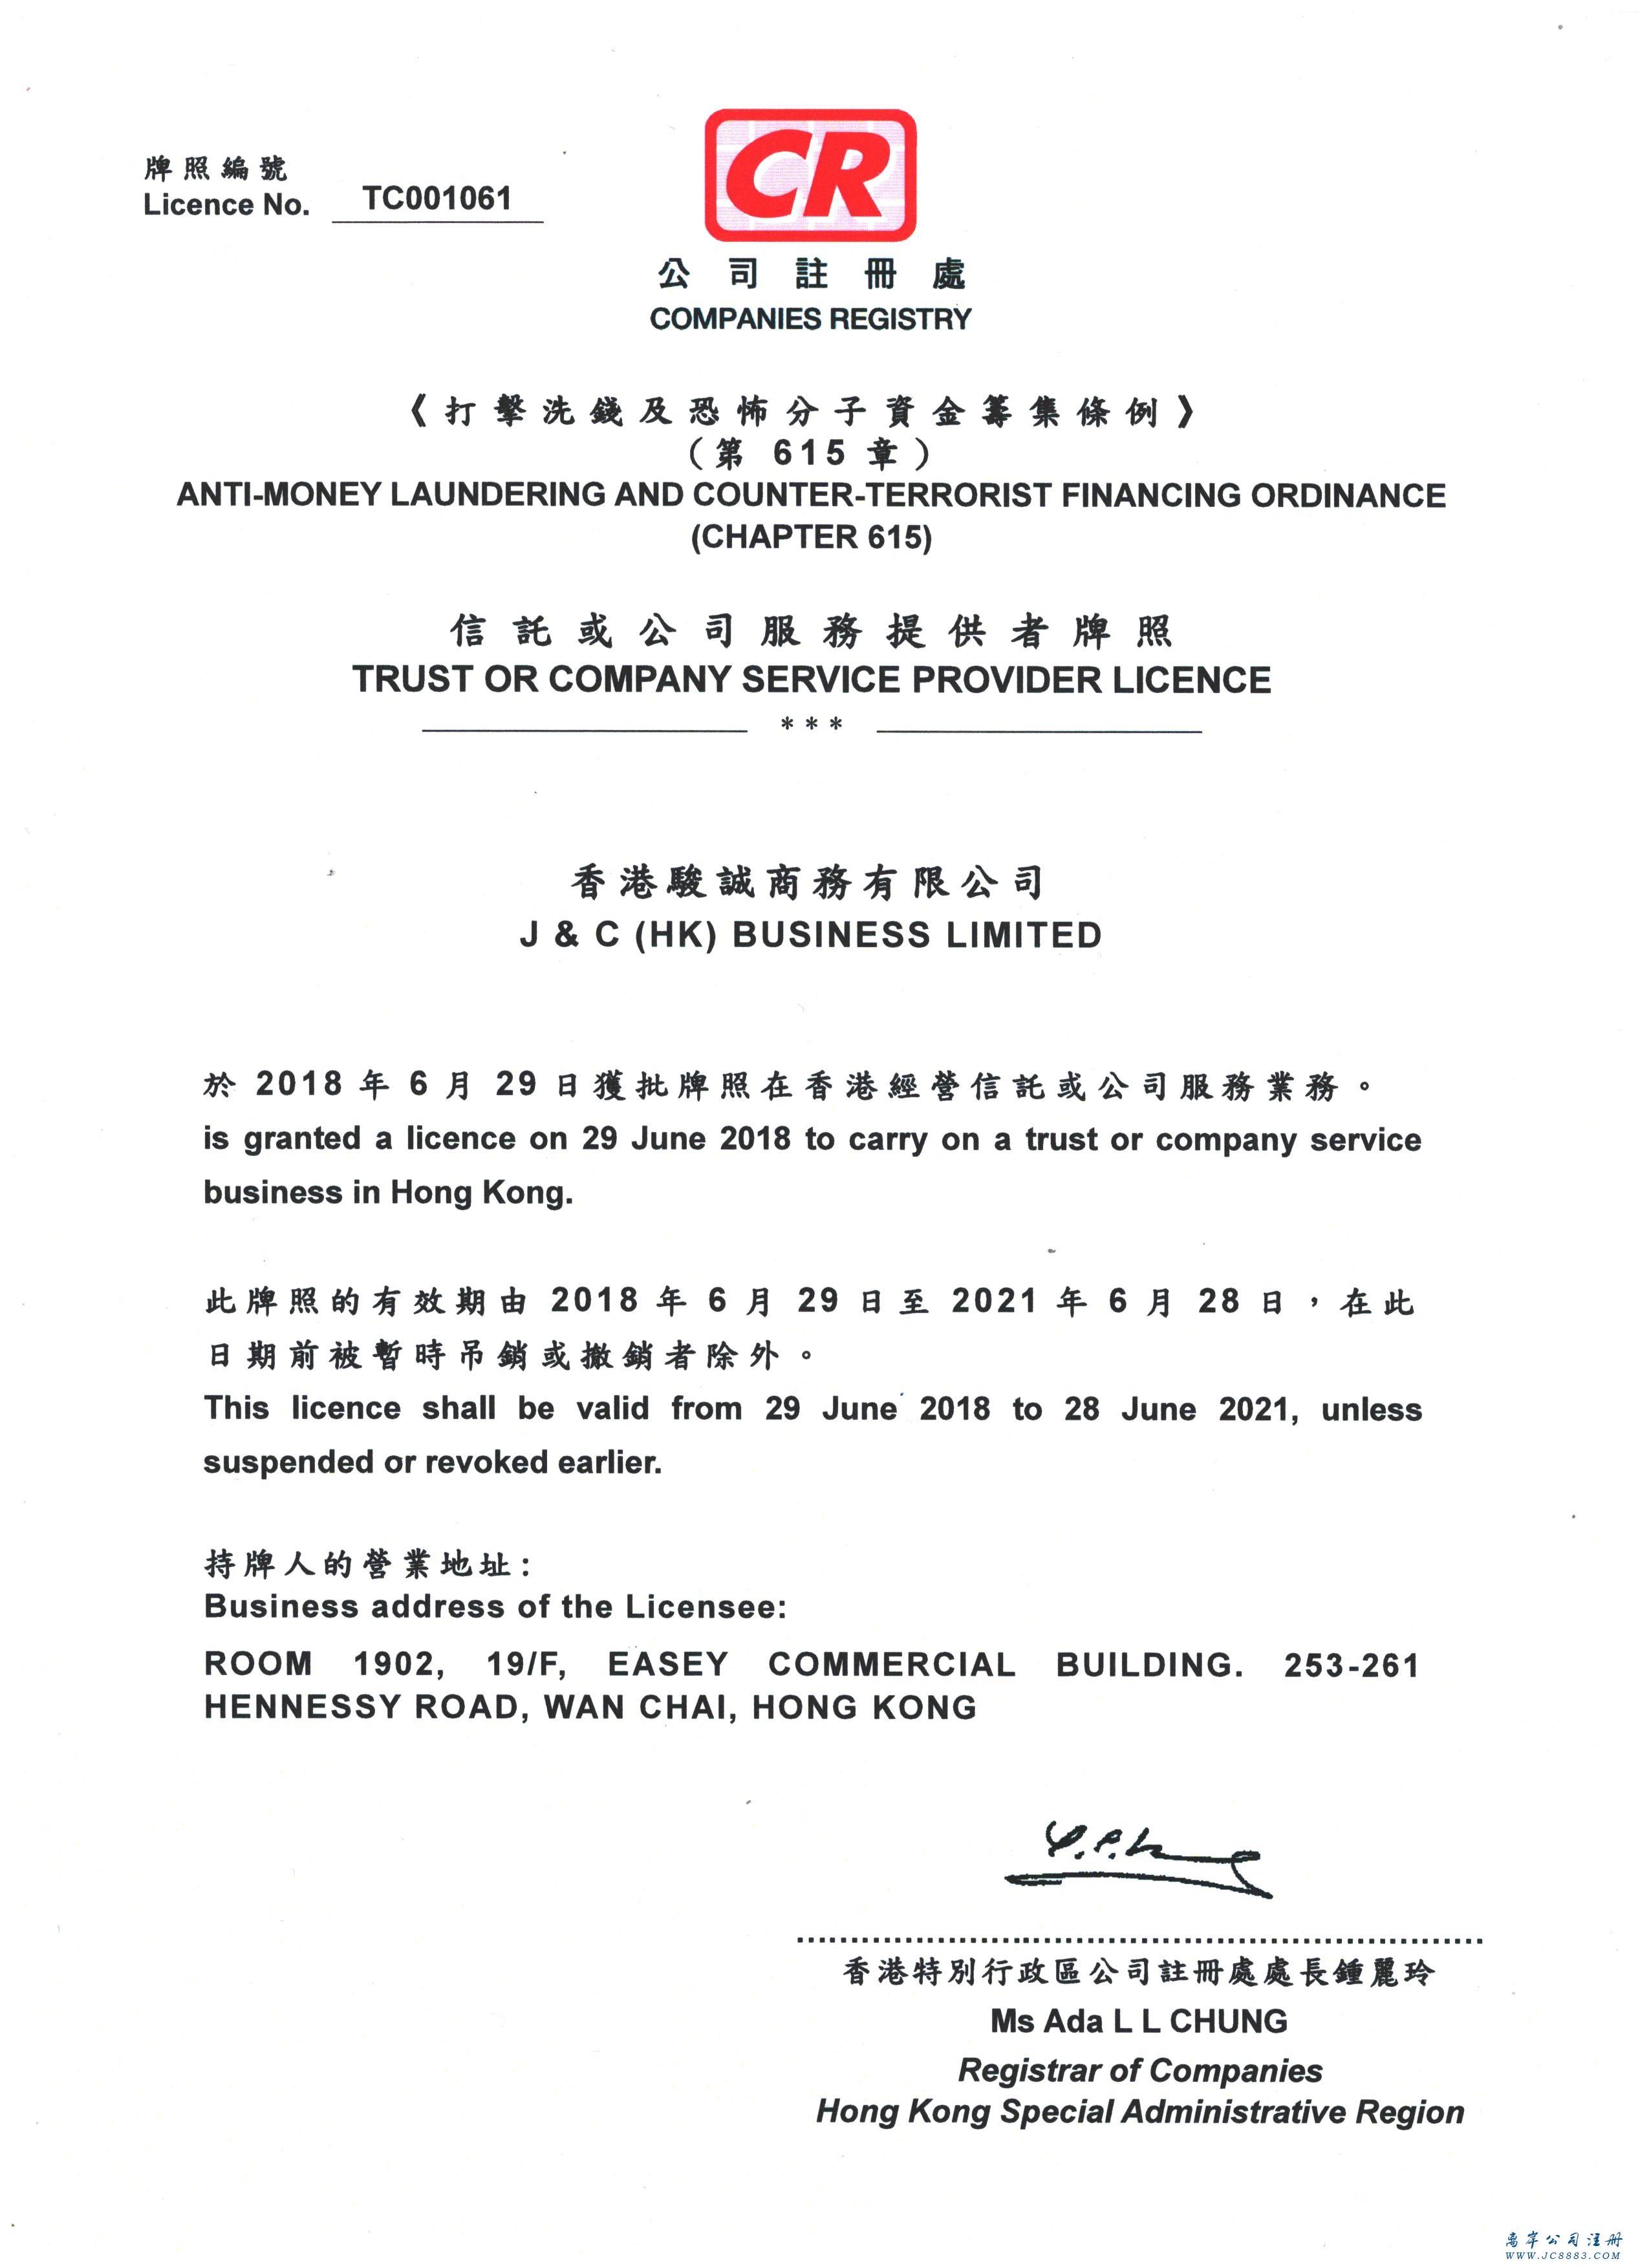 信托公司或公司服務持牌人牌照樣本_香港注冊處制